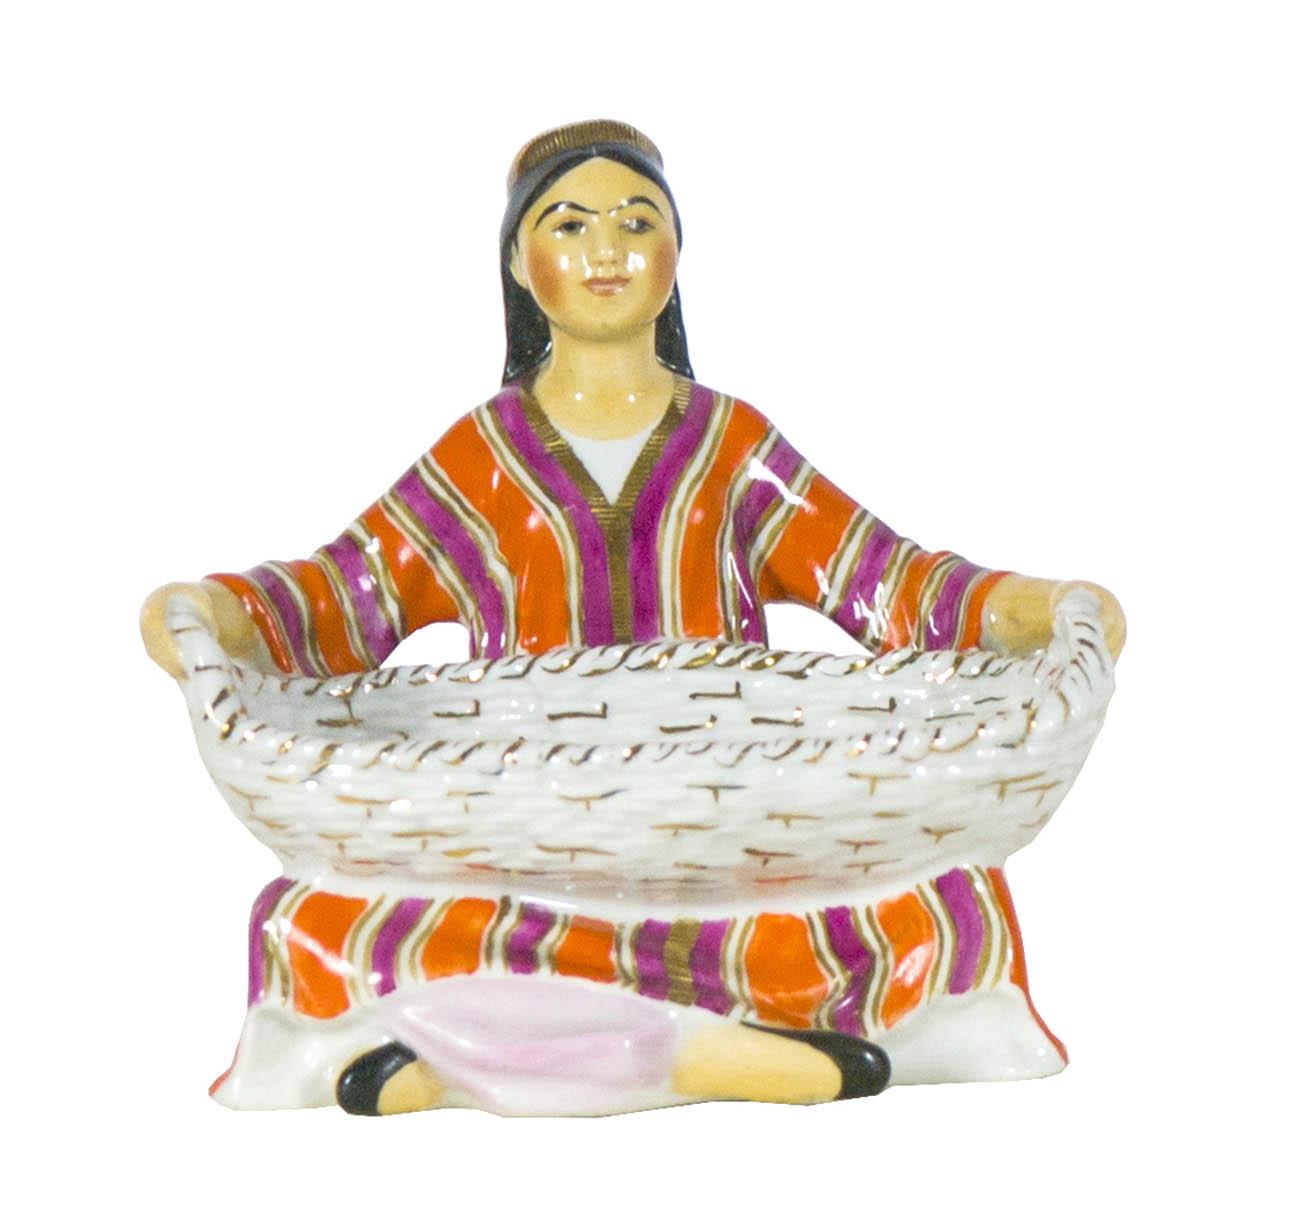 Скульптура «Узбечка с корзиной». Автор модели Г.С. Столбова.